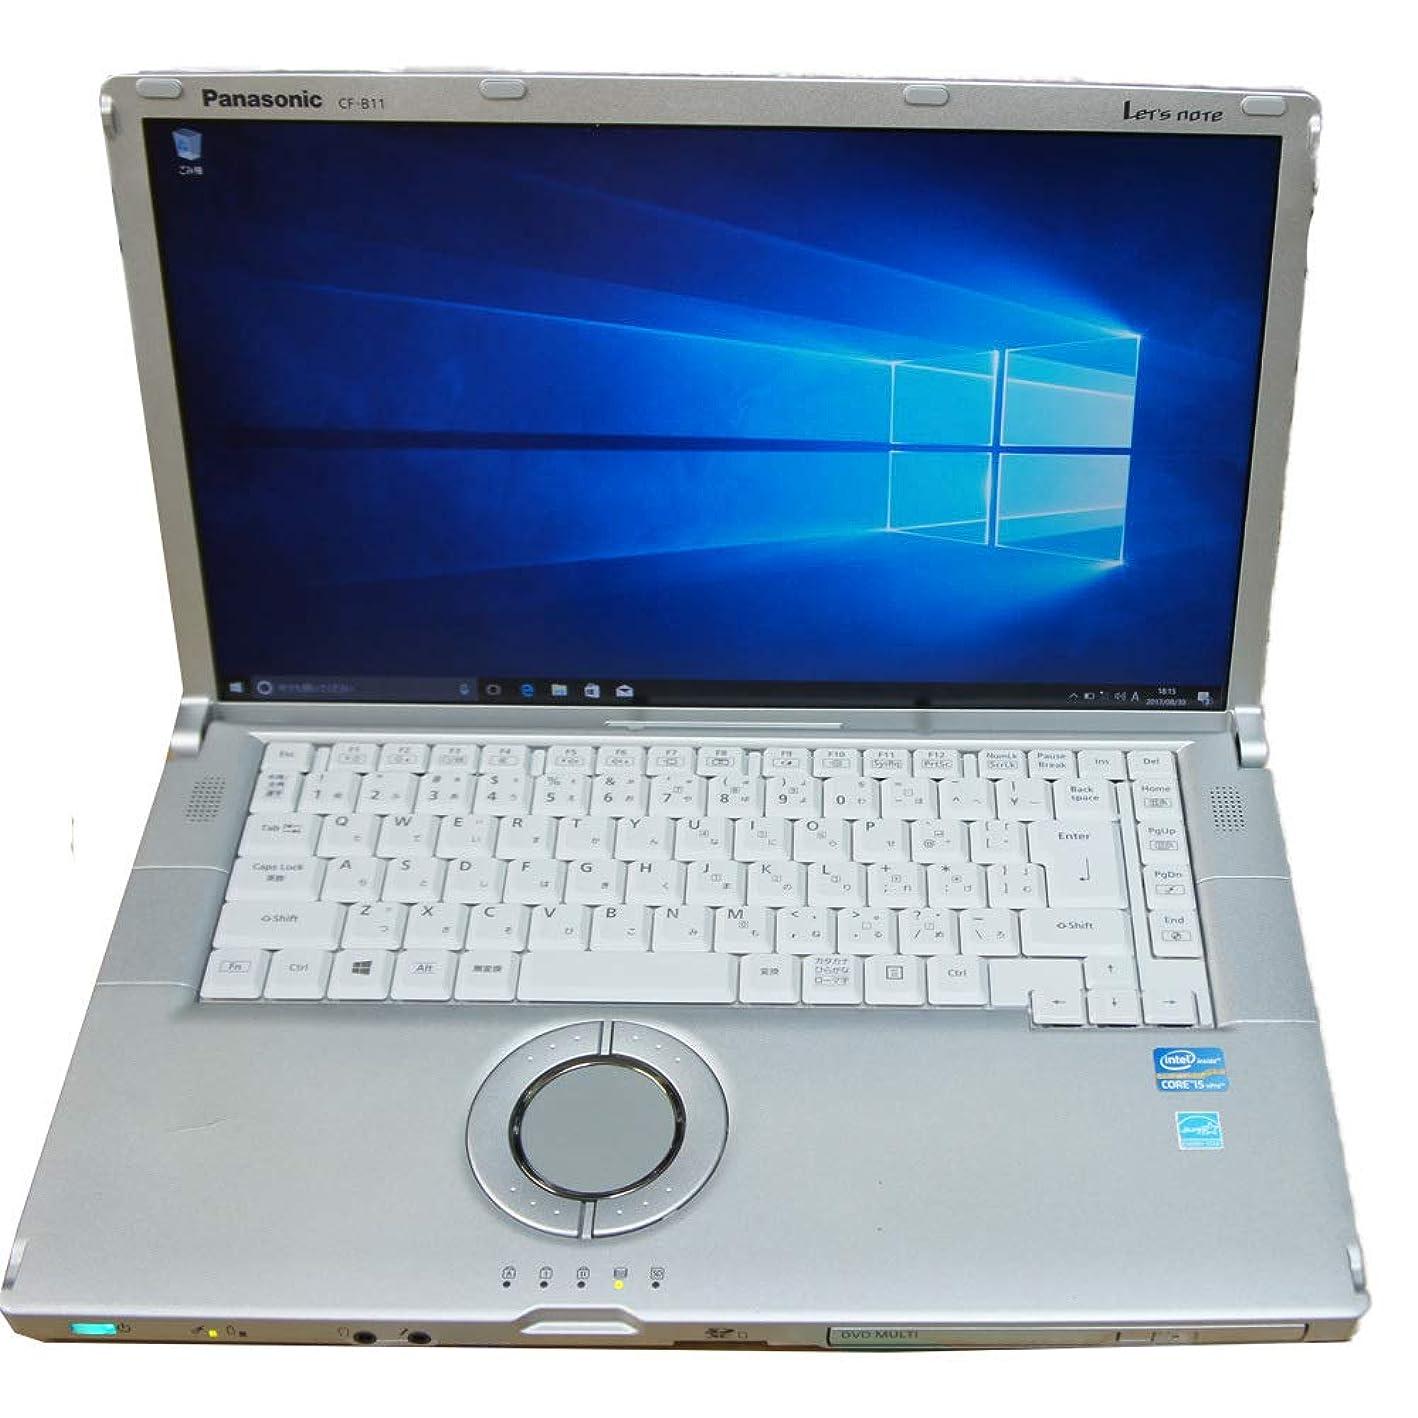 印象的滑りやすい素敵な[中古パソコン][大画面15.6型][フルHD液晶][第3世代i5] Panasonic Let's note CF-B11 (Core i5-3340M 2.7GHz/4GB/SSD128GB/DVDRW/Wi-Fi/Windows10-64bit) [秋葉原]《パソコン販売 アキバパレットタウン》